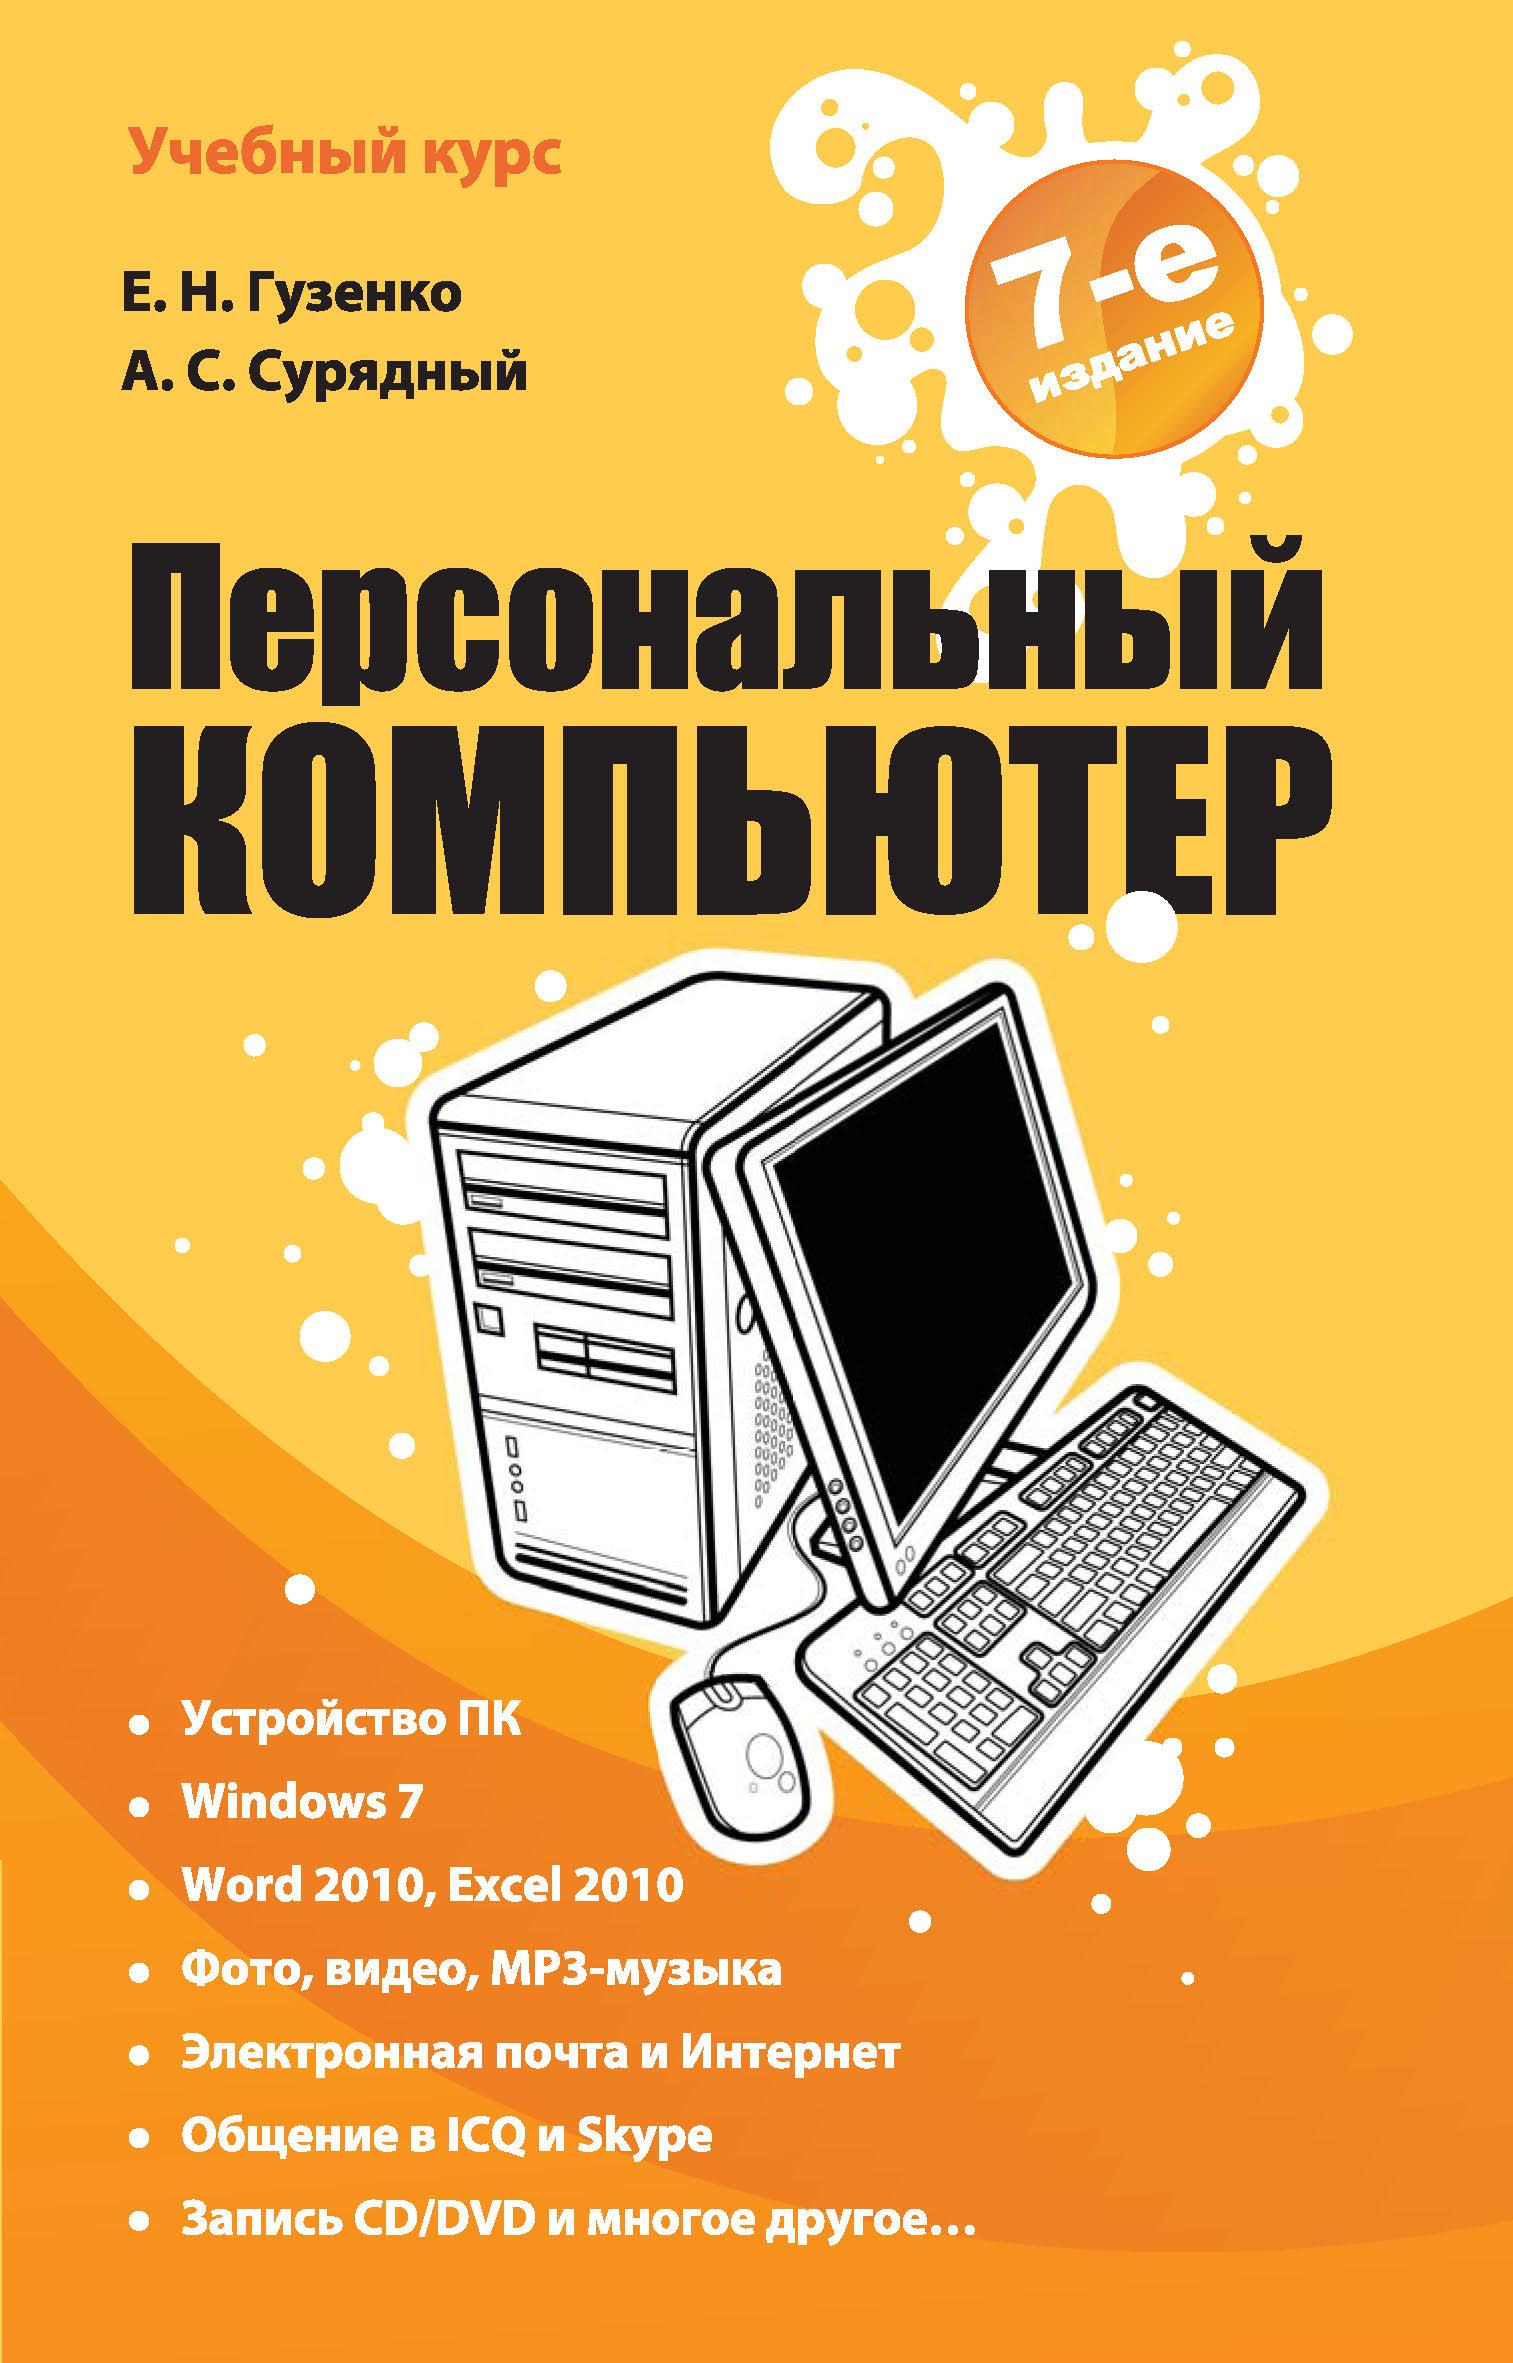 А. С. Сурядный Персональный компьютер. Лучший самоучитель а с сурядный м в цуранов ноутбук и windows 7